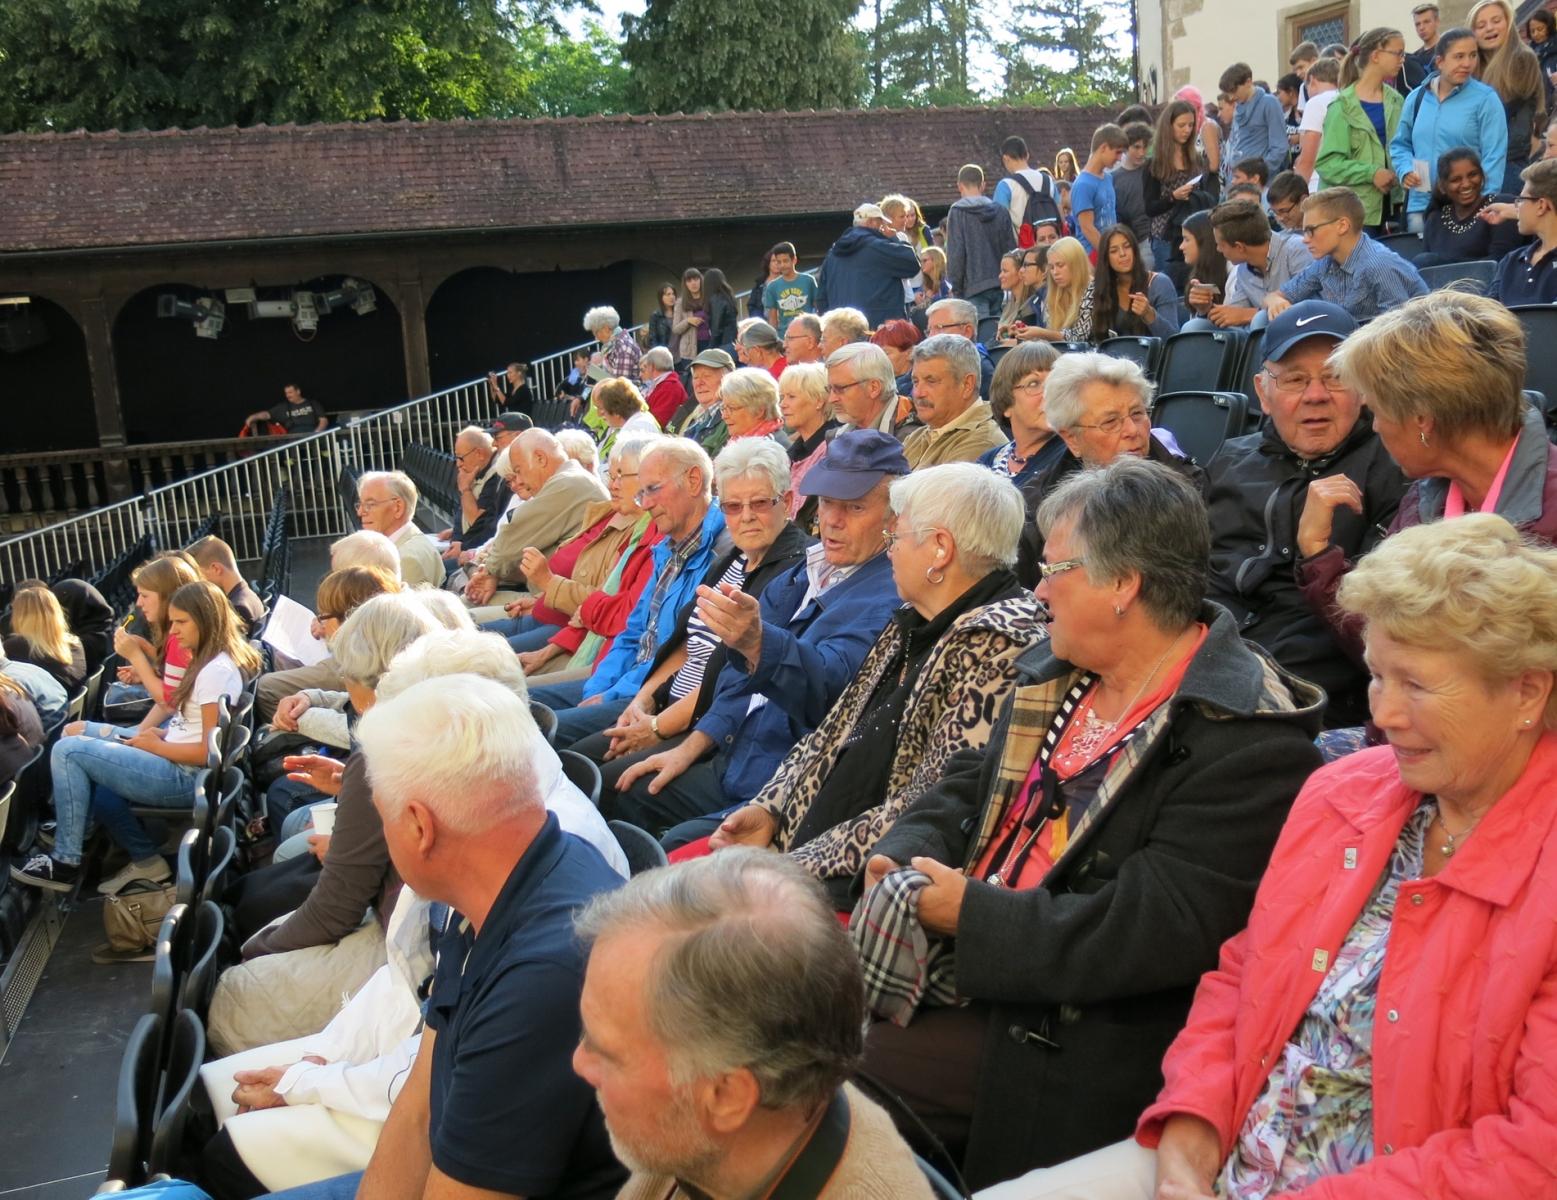 2015_07_08 Jagsthausen, Festspiele